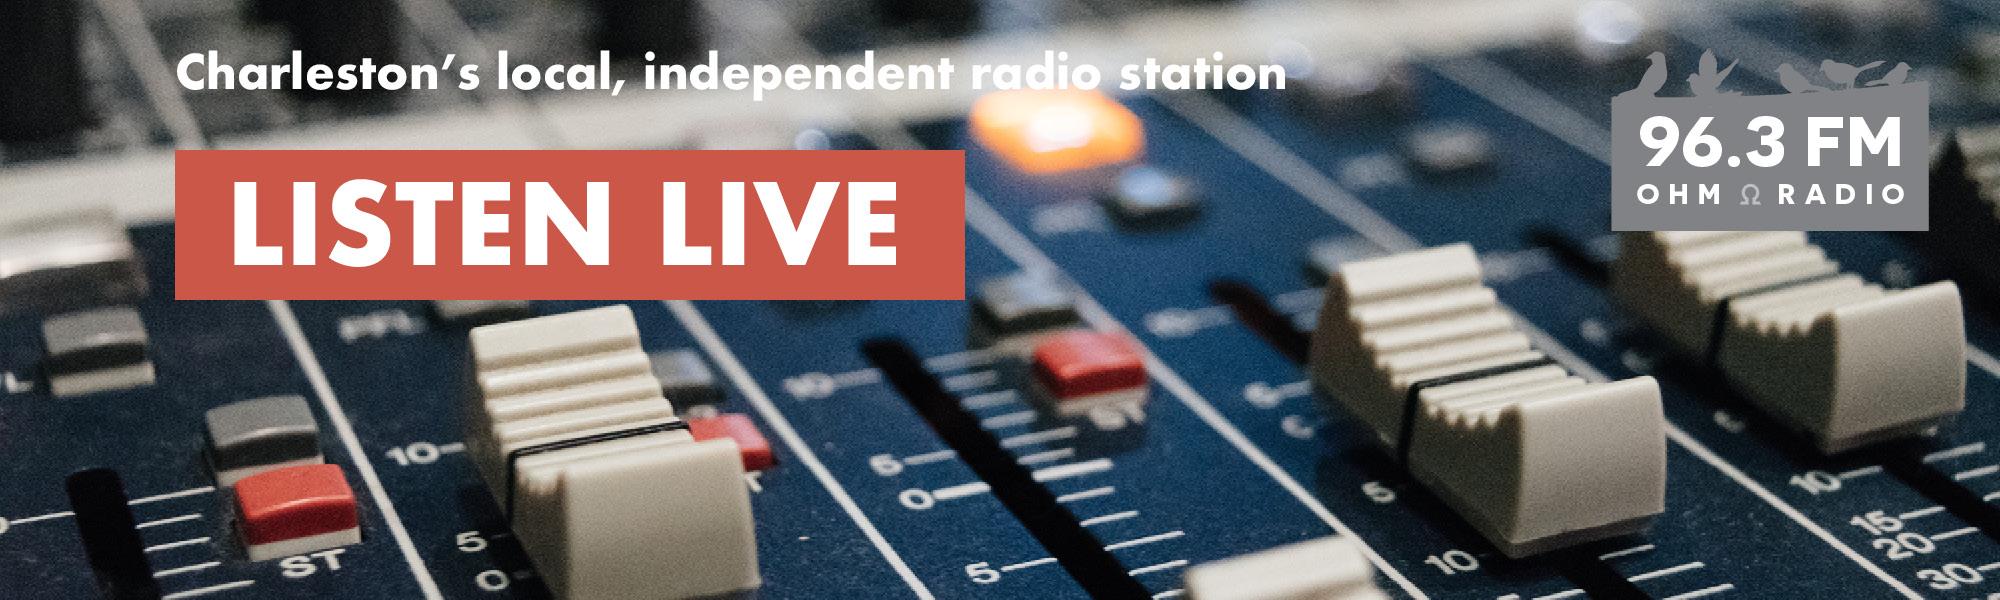 OHM Radio 96 3 FM I Charleston, SC